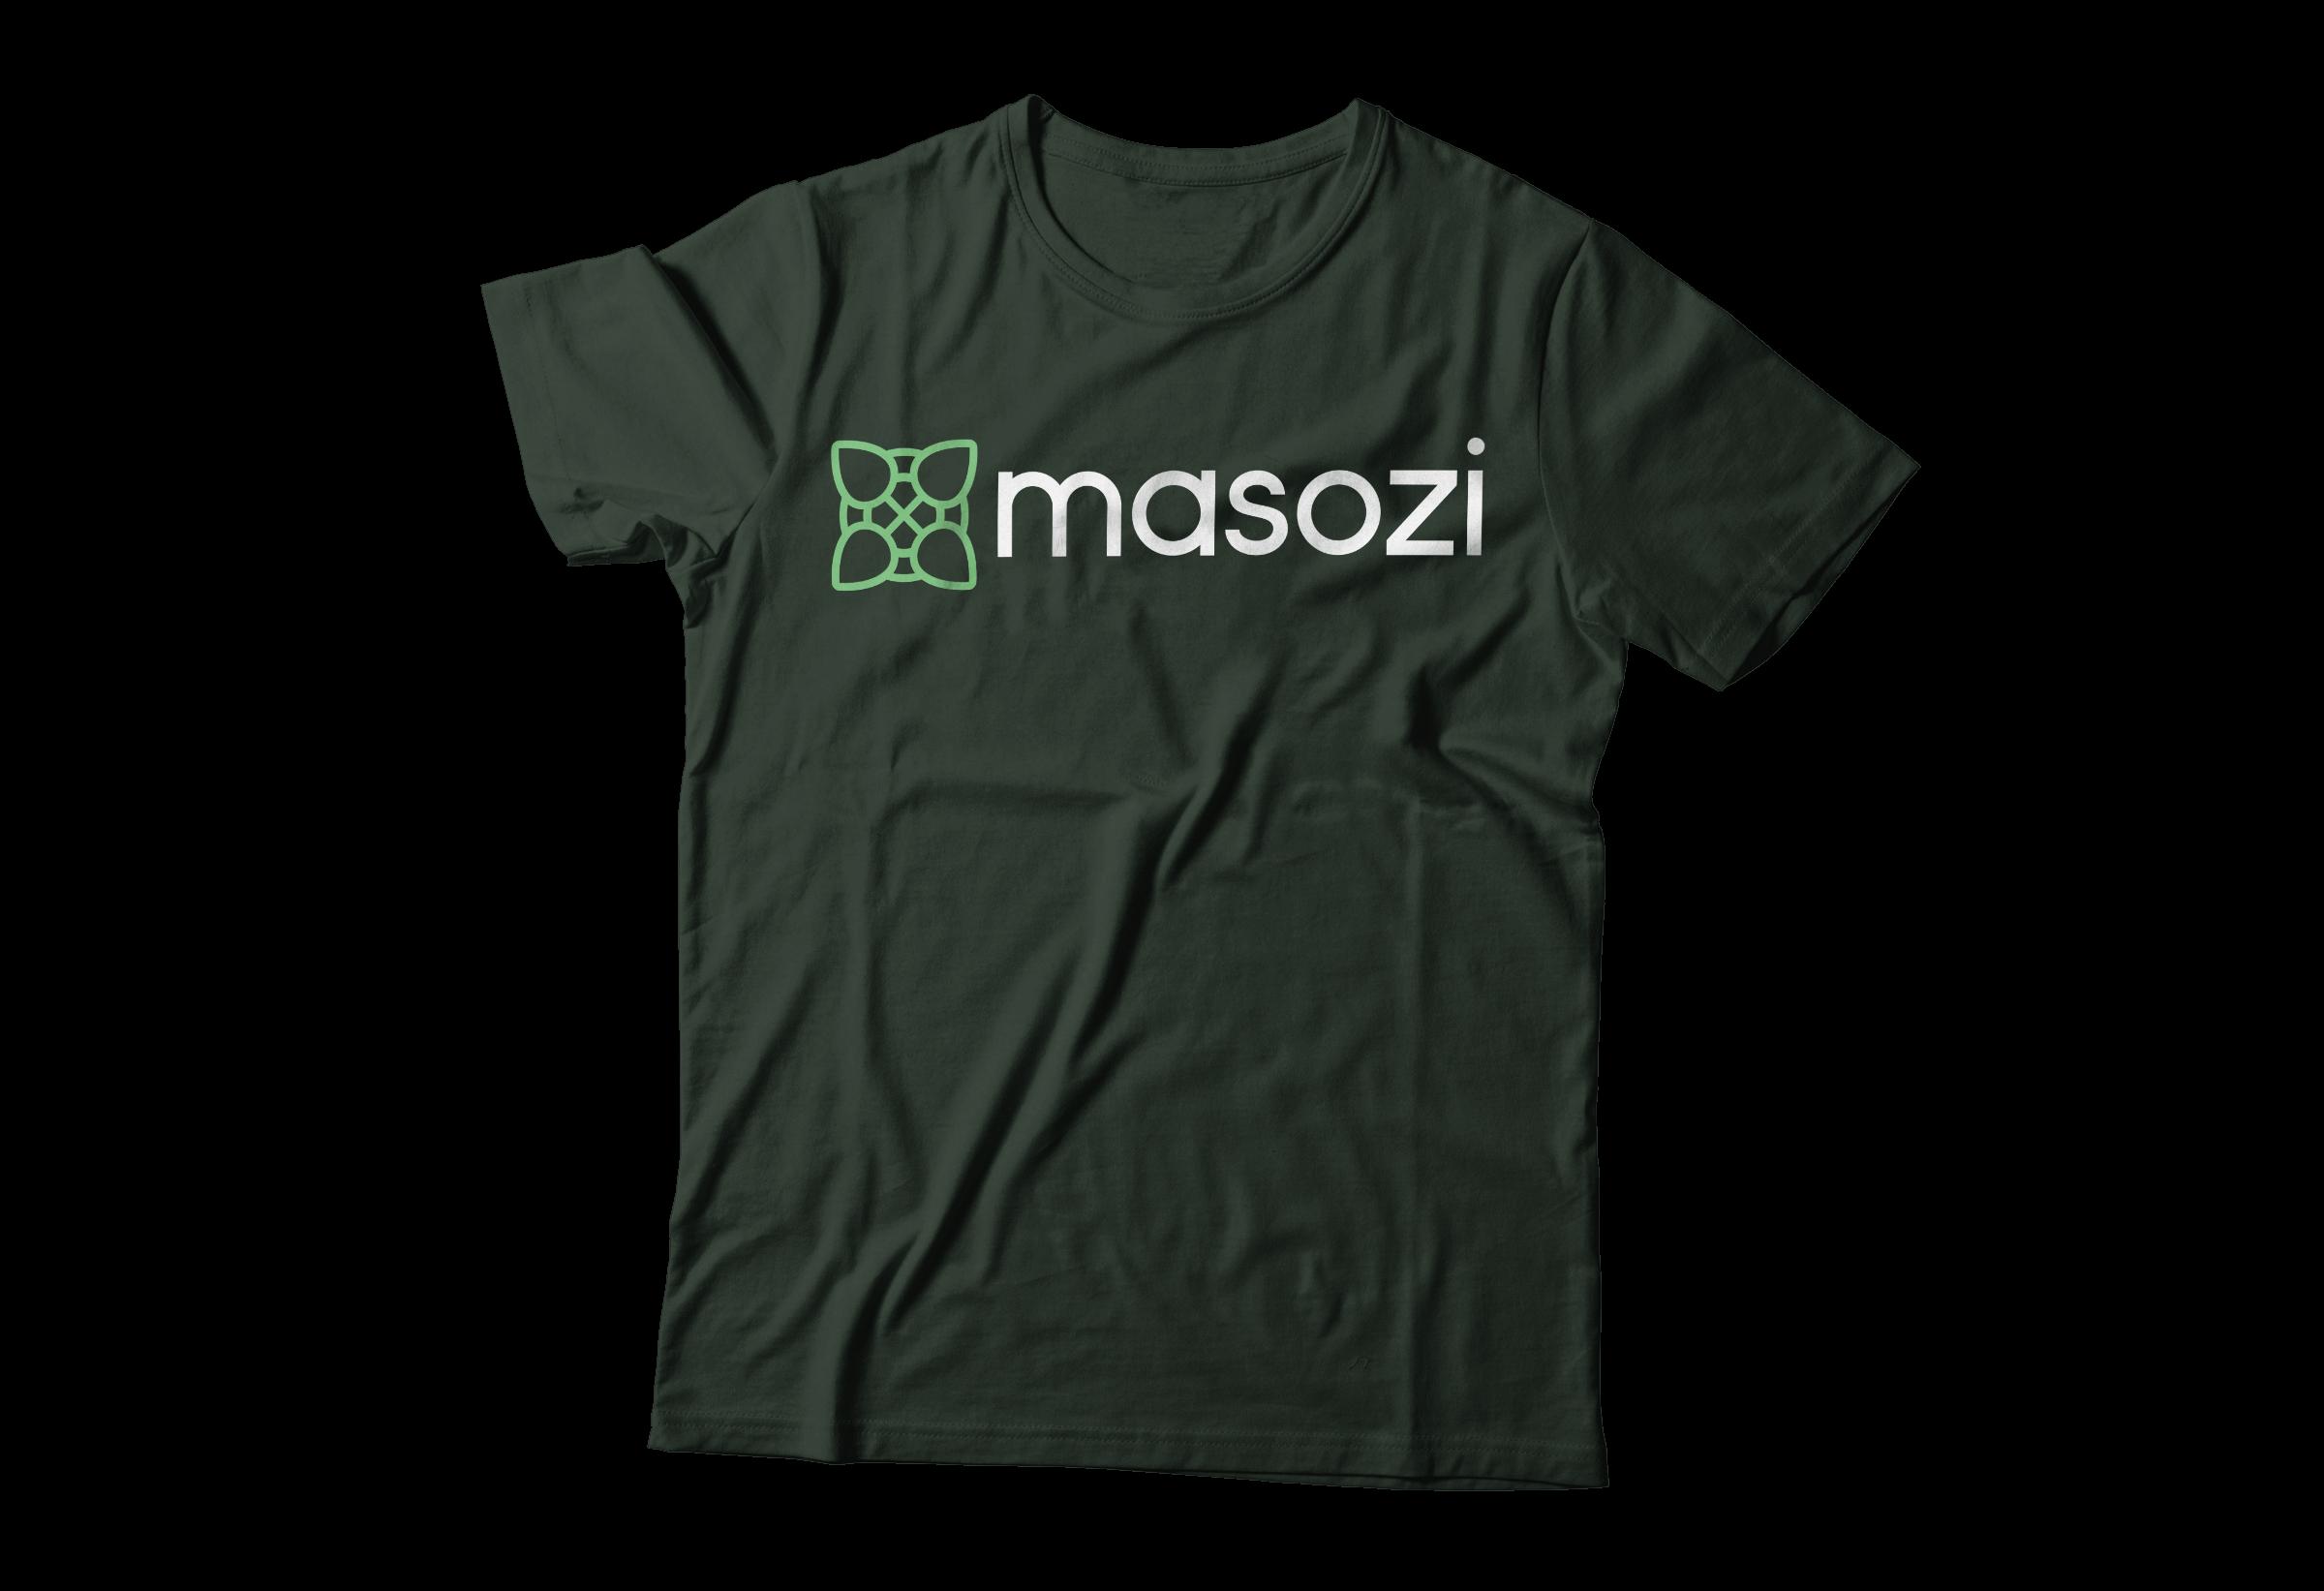 Masozi Shirt Mockup